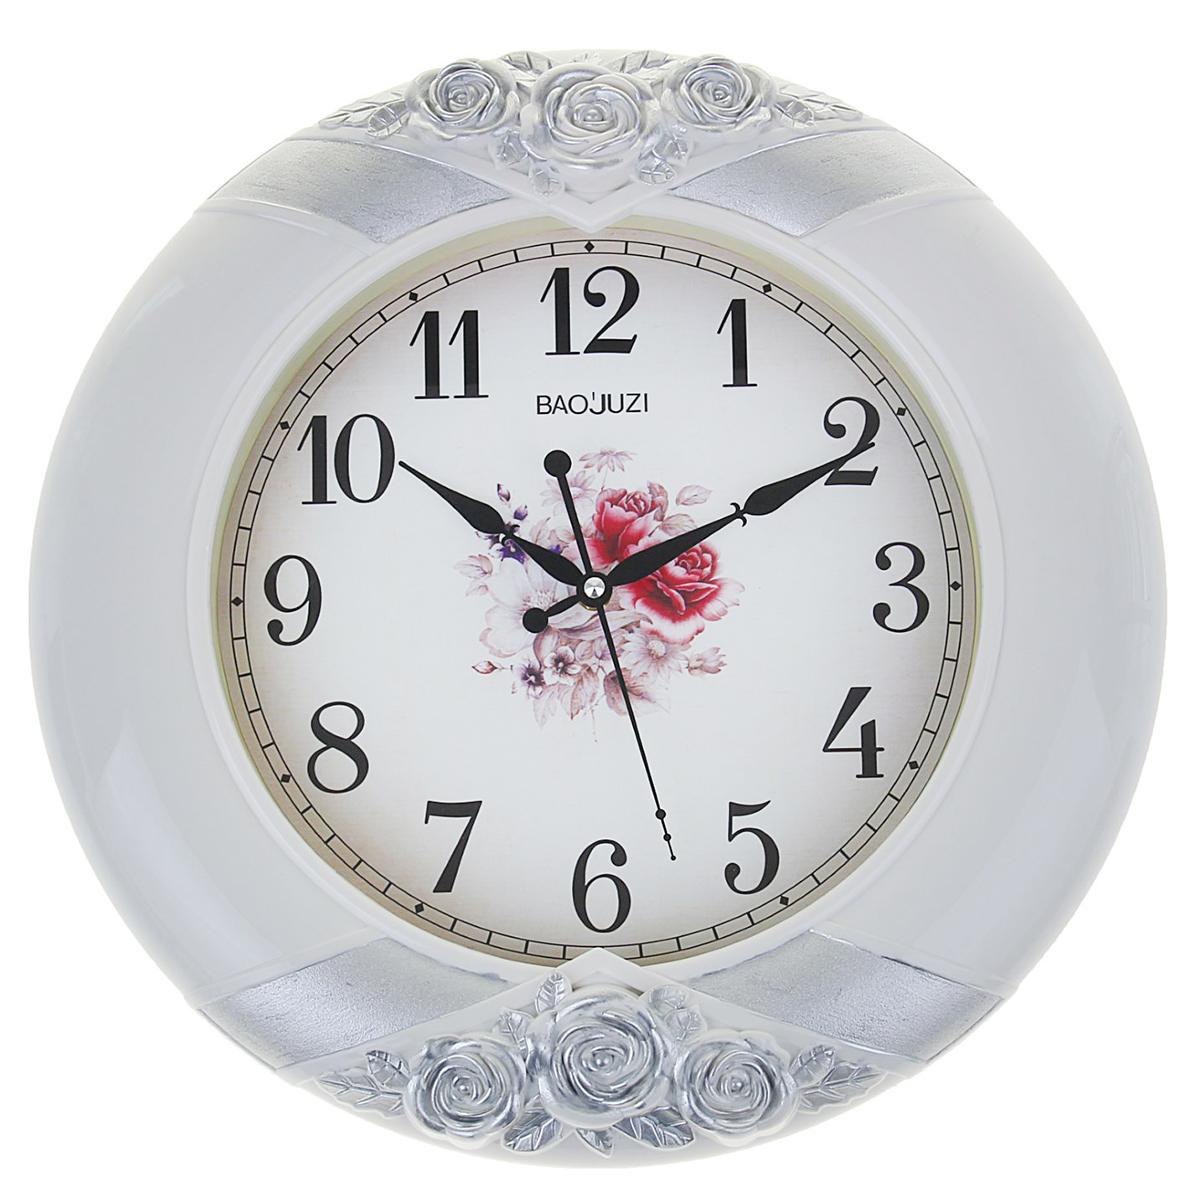 Часы настенные интерьерные Розы лепнина, 42 х 42 см1275428Каждому хозяину периодически приходит мысль обновить свою квартиру, сделать ремонт, перестановку или кардинально поменять внешний вид каждой комнаты. Часы настенные круглые Розы лепнина, d=42 см, серо-серебристые — привлекательная деталь, которая поможет воплотить вашу интерьерную идею, создать неповторимую атмосферу в вашем доме. Окружите себя приятными мелочами, пусть они радуют глаз и дарят гармонию.Часы настенные интерьерные Розы лепнина, выпукл узор, 42х42х5 см 1275428